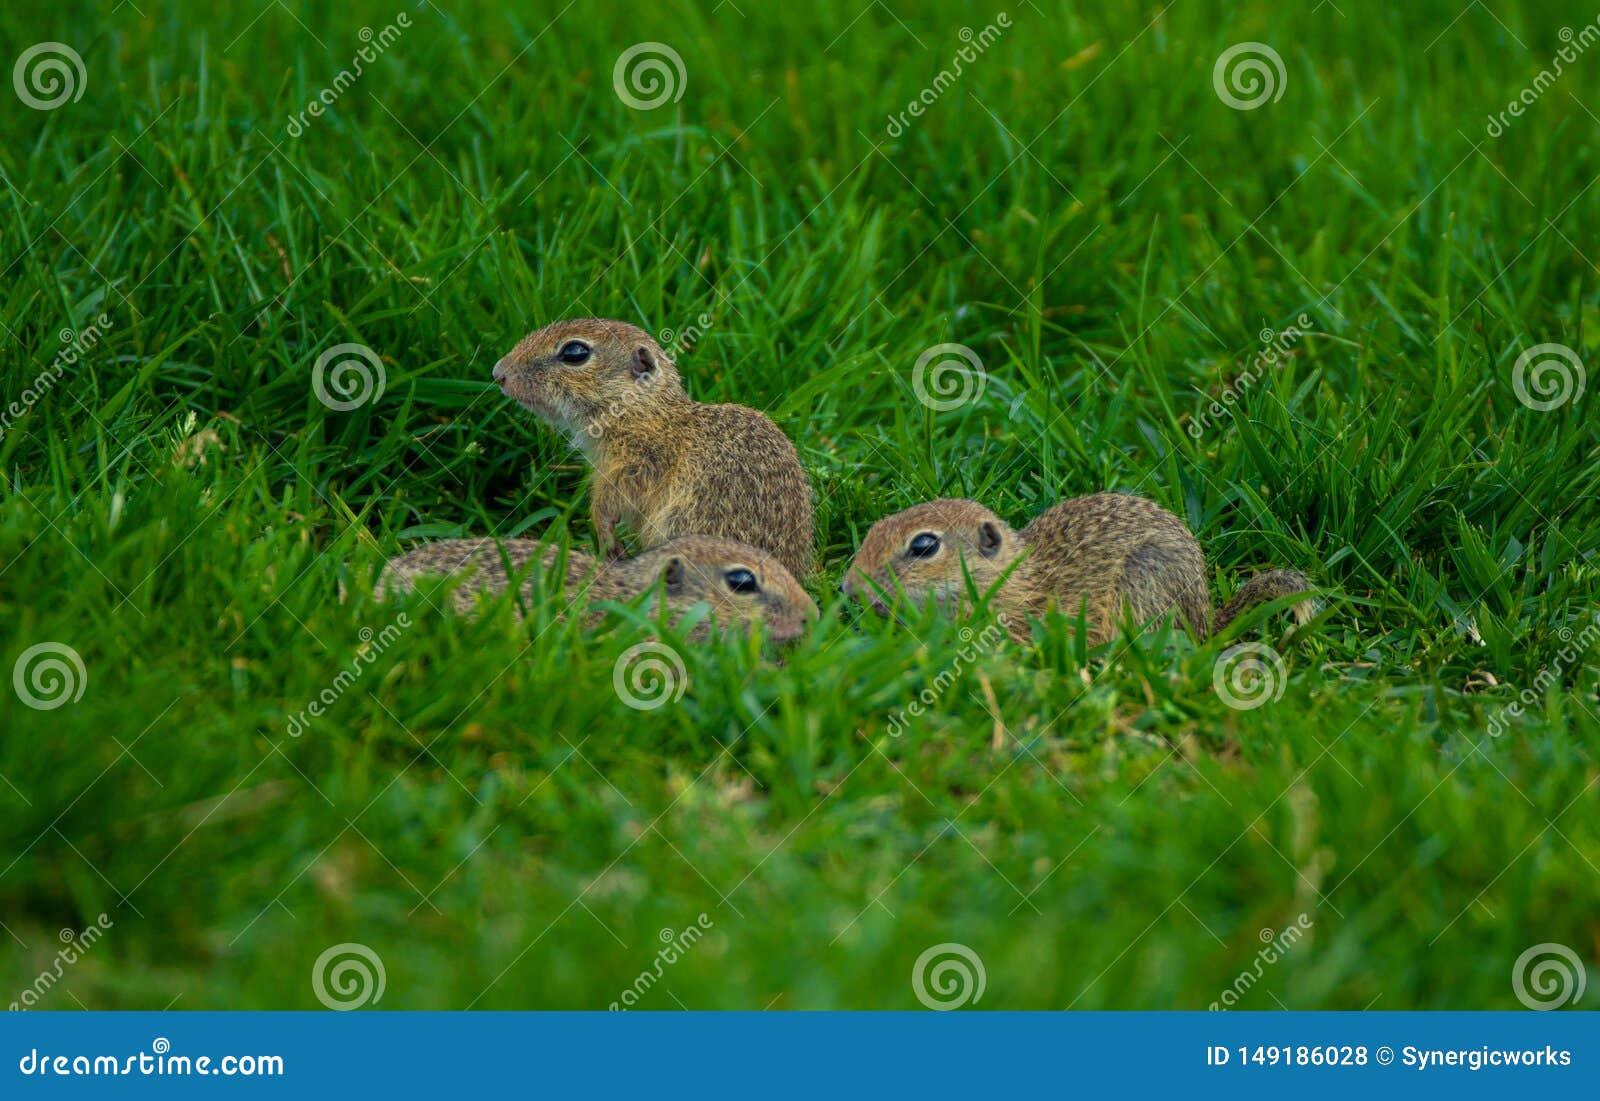 婴孩地鼠接近的射击坐草